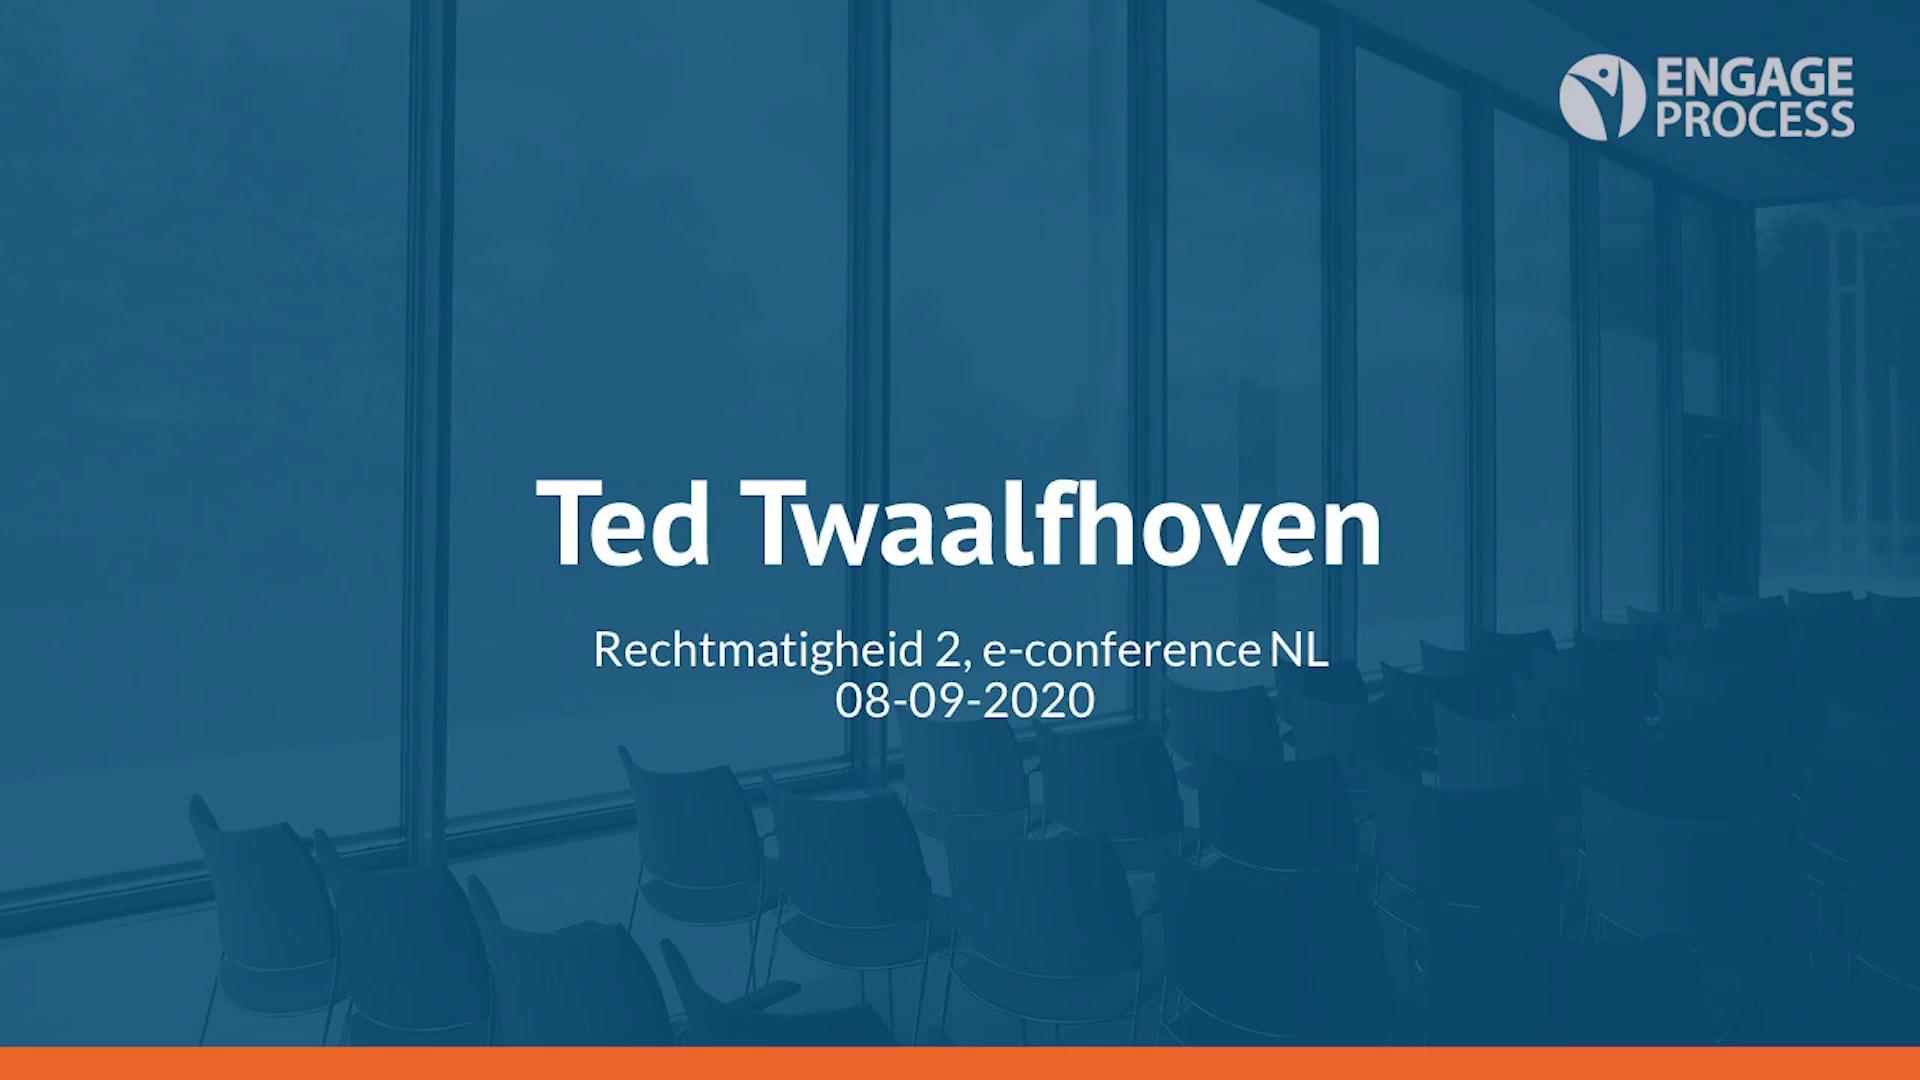 Rechtmatigheid 2 Ted Twaalfhoven-V2